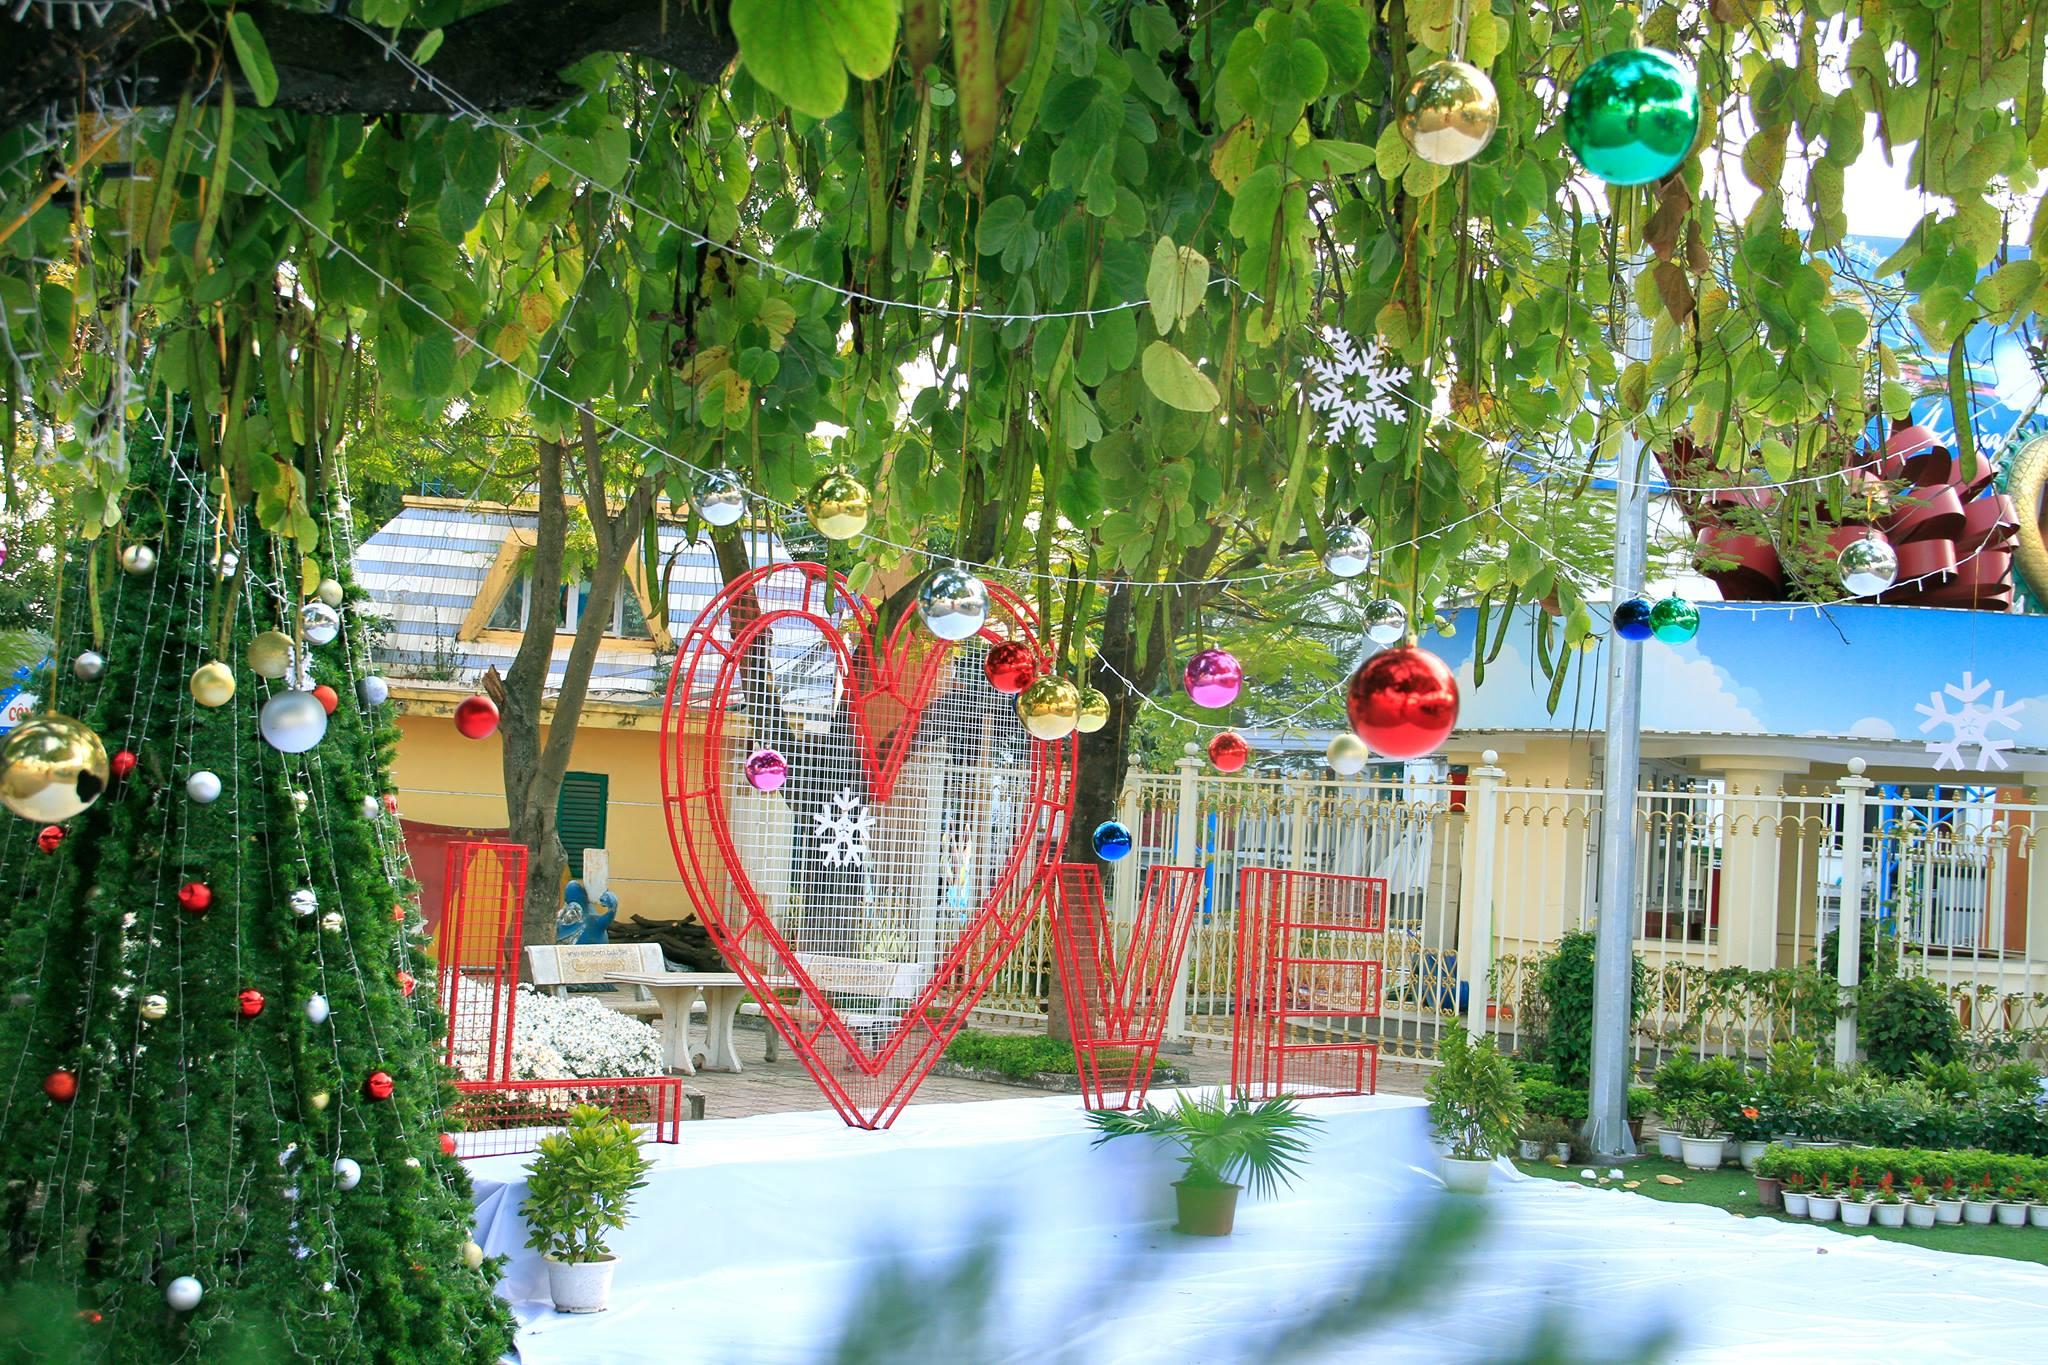 Hình ảnh Giáng sinh được trang trí lỗng lẫy